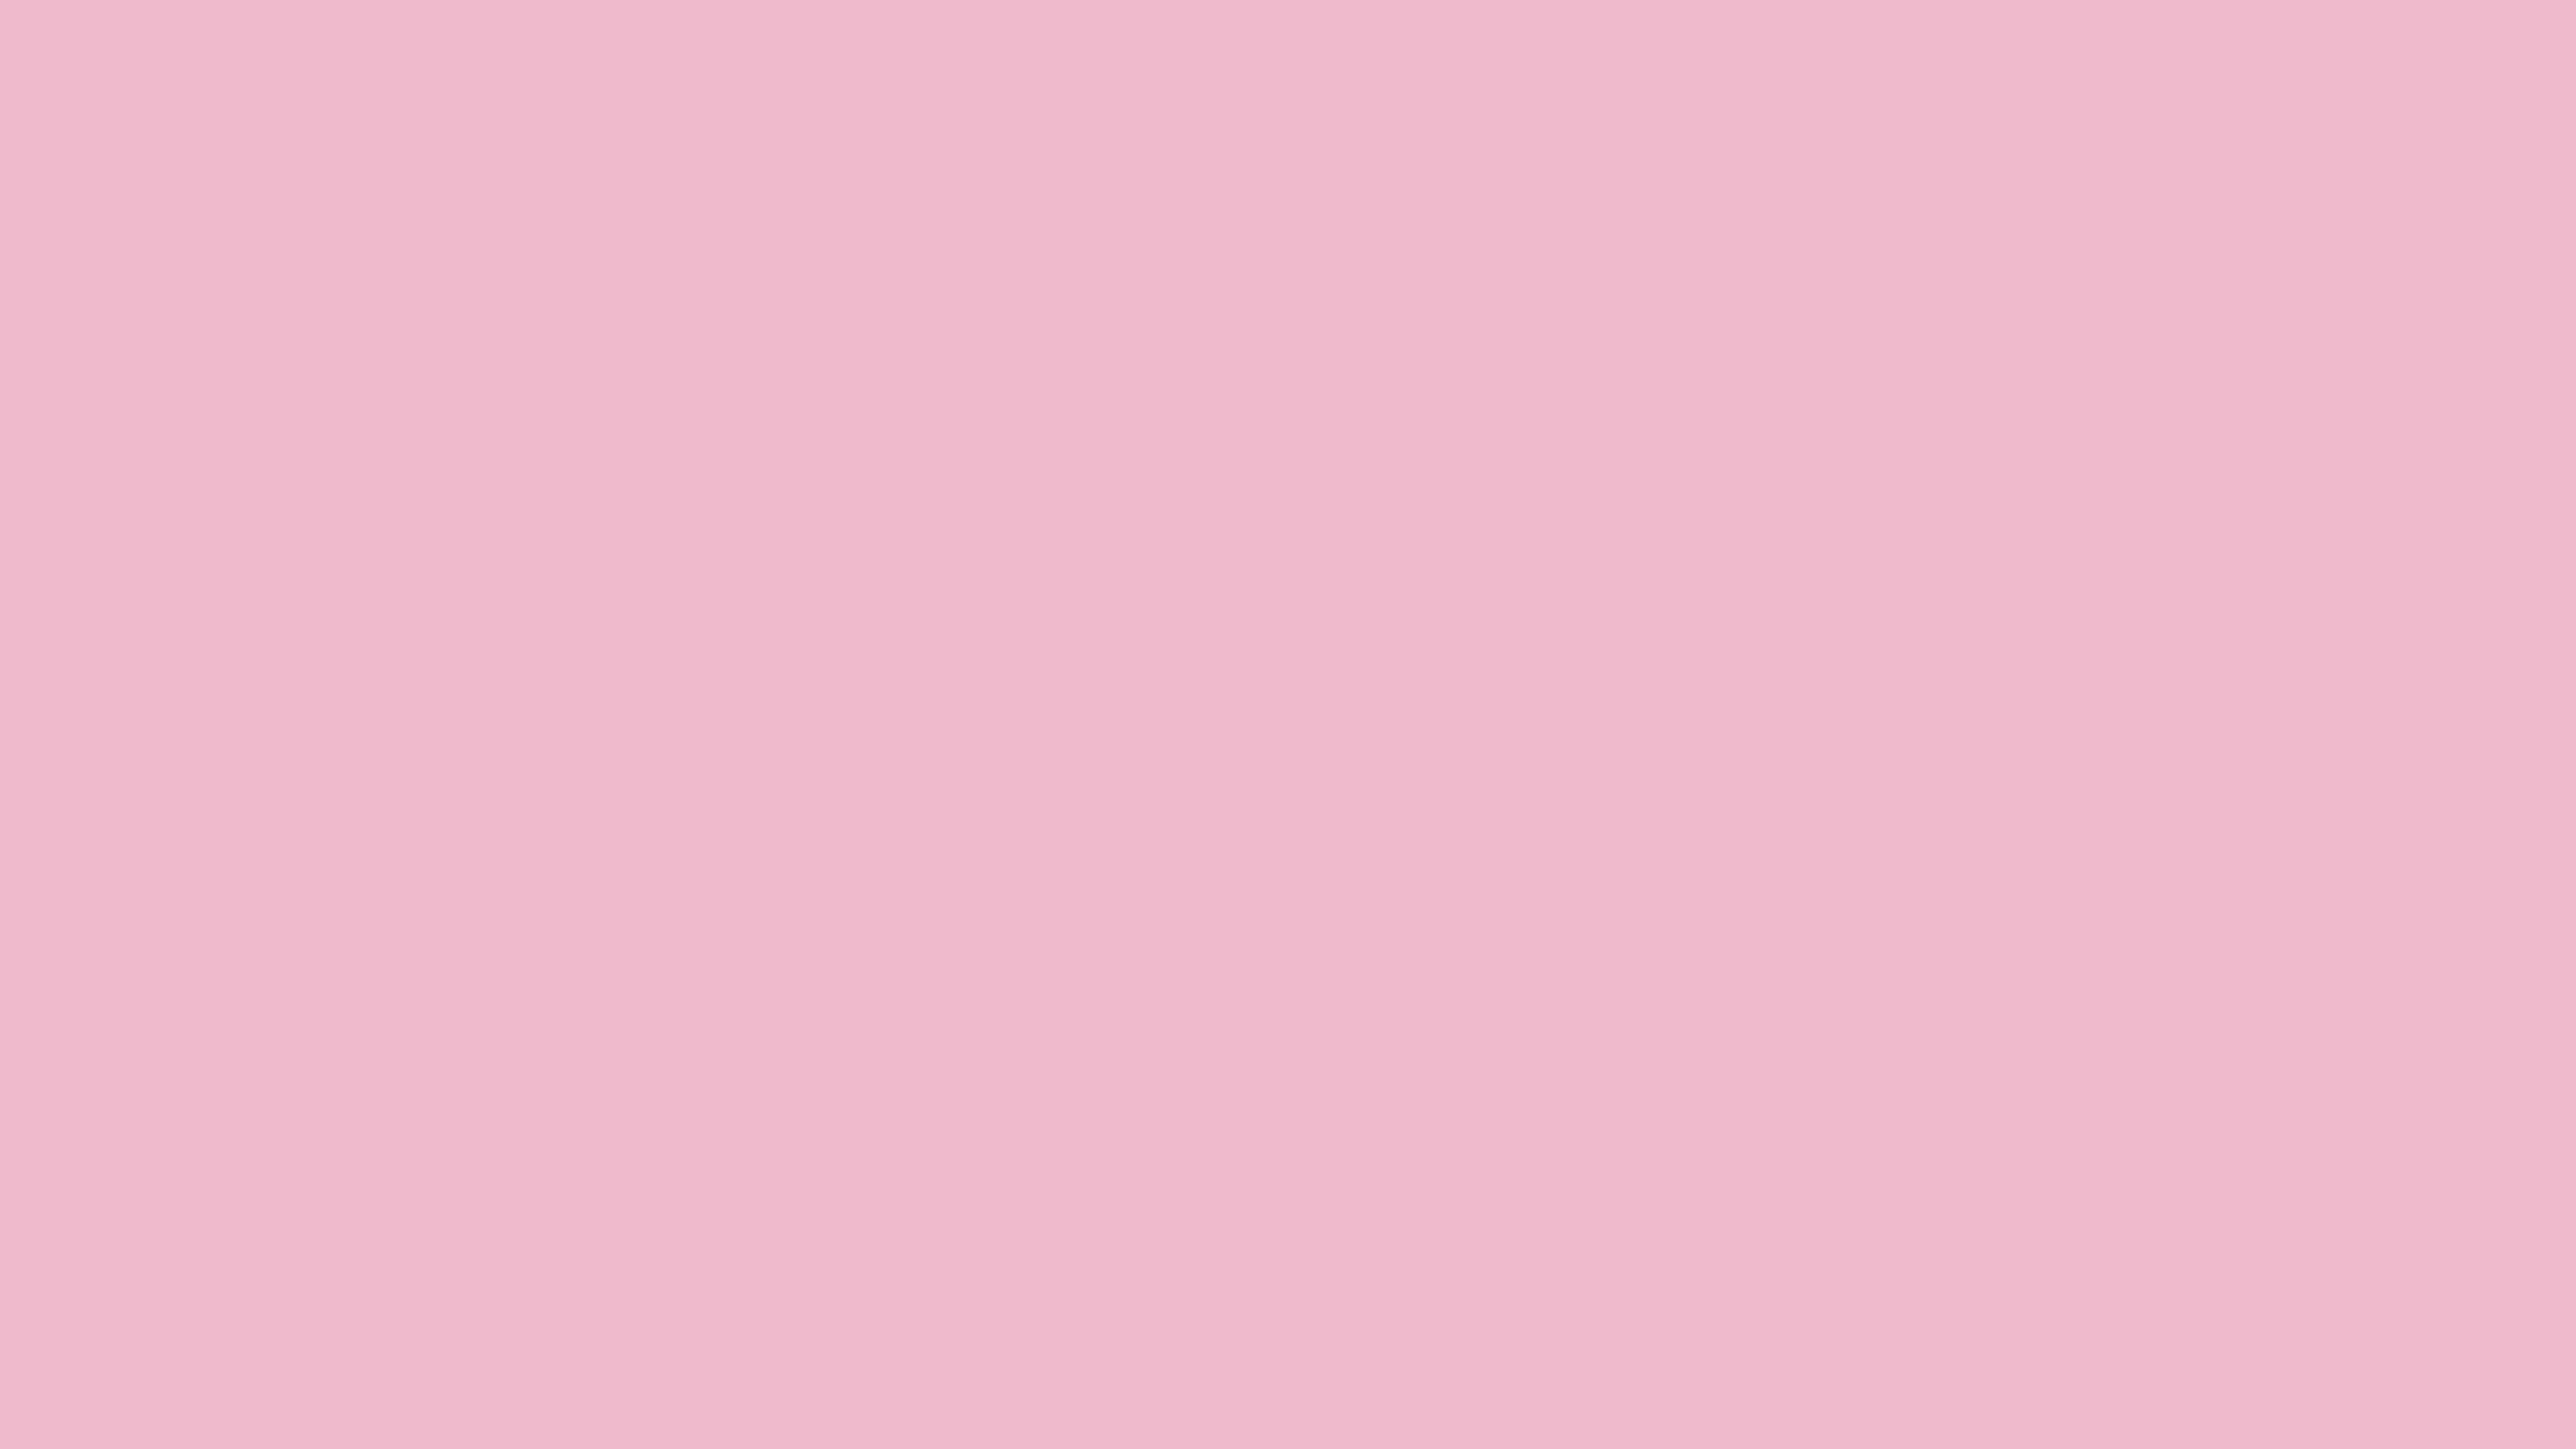 Pinkie Pie Ready To Fight My Little Pony Wallpaper Pinkie Pie